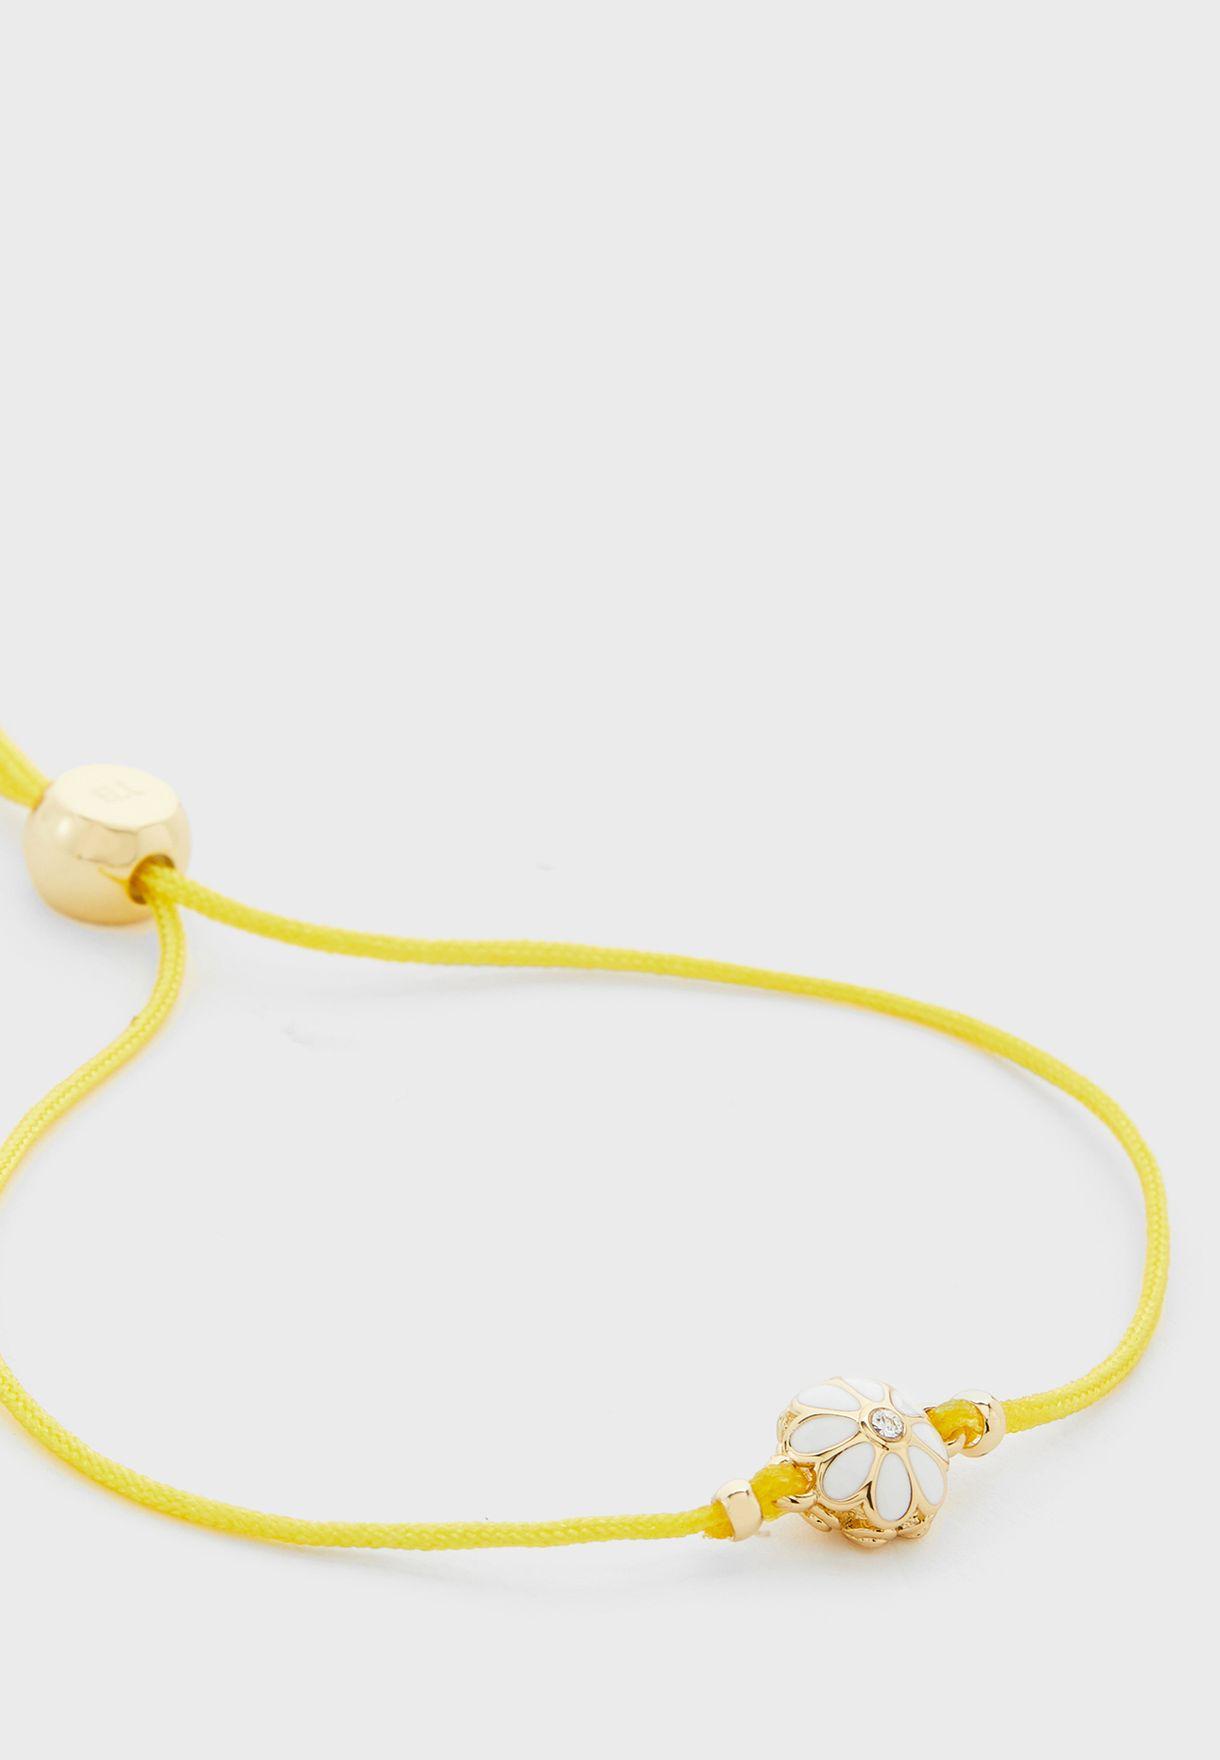 Darsay Daisy Friendship Bracelet